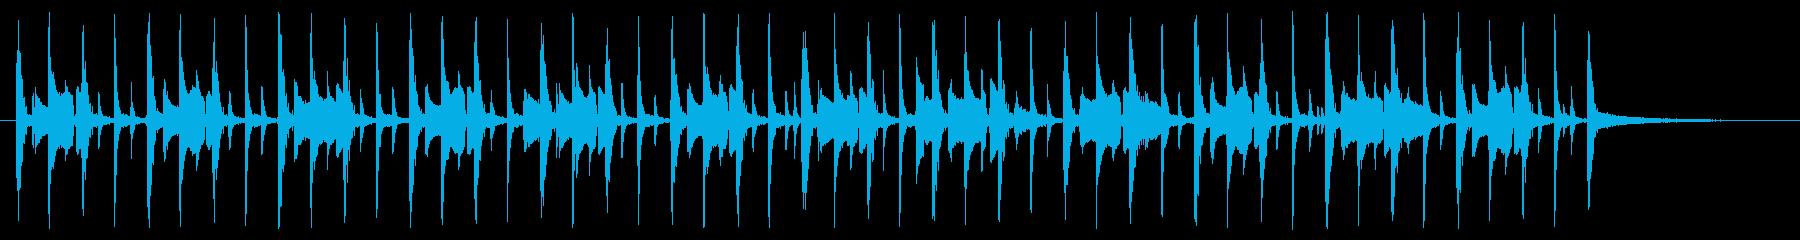 使いやすいファンク 30秒ベース無し版の再生済みの波形